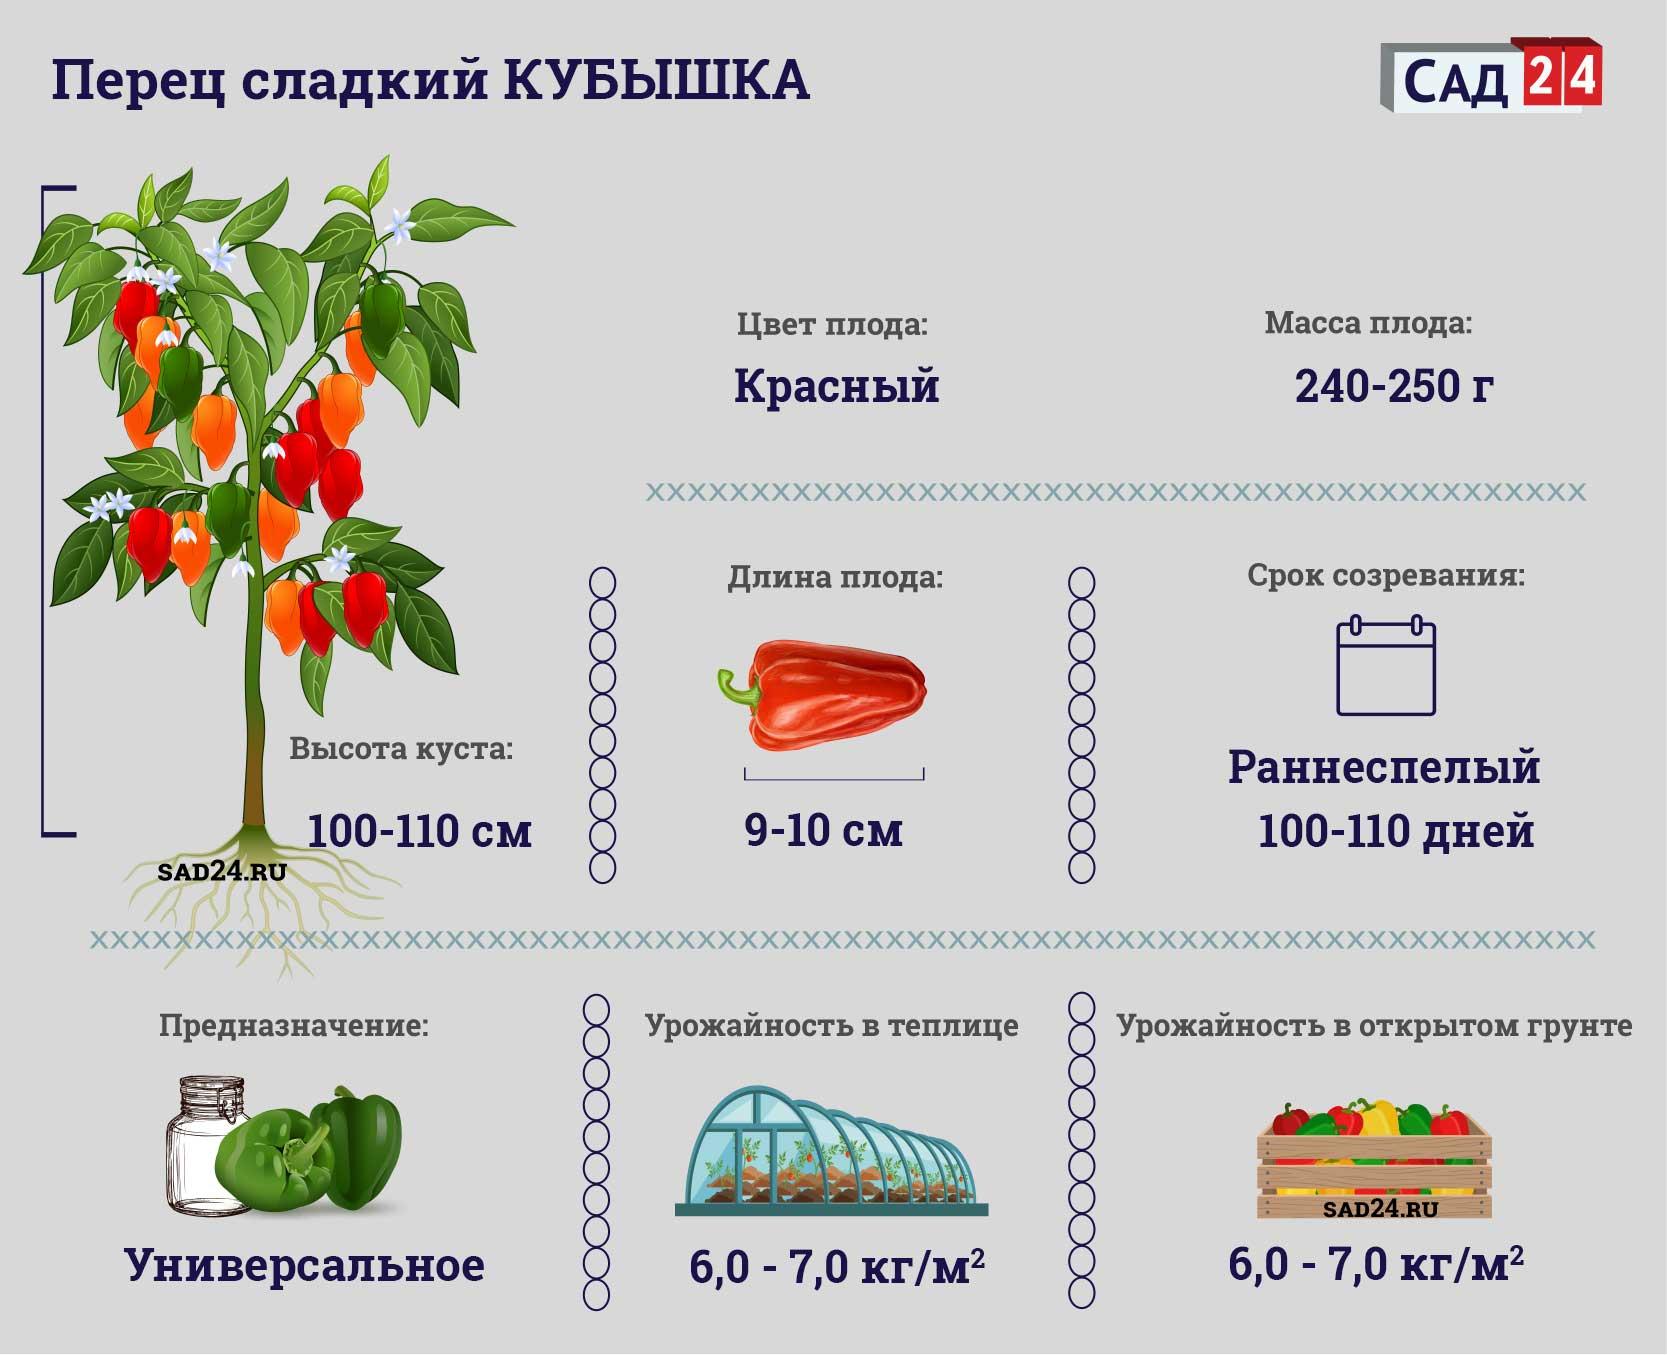 Кубышка - https://sad24.ru/